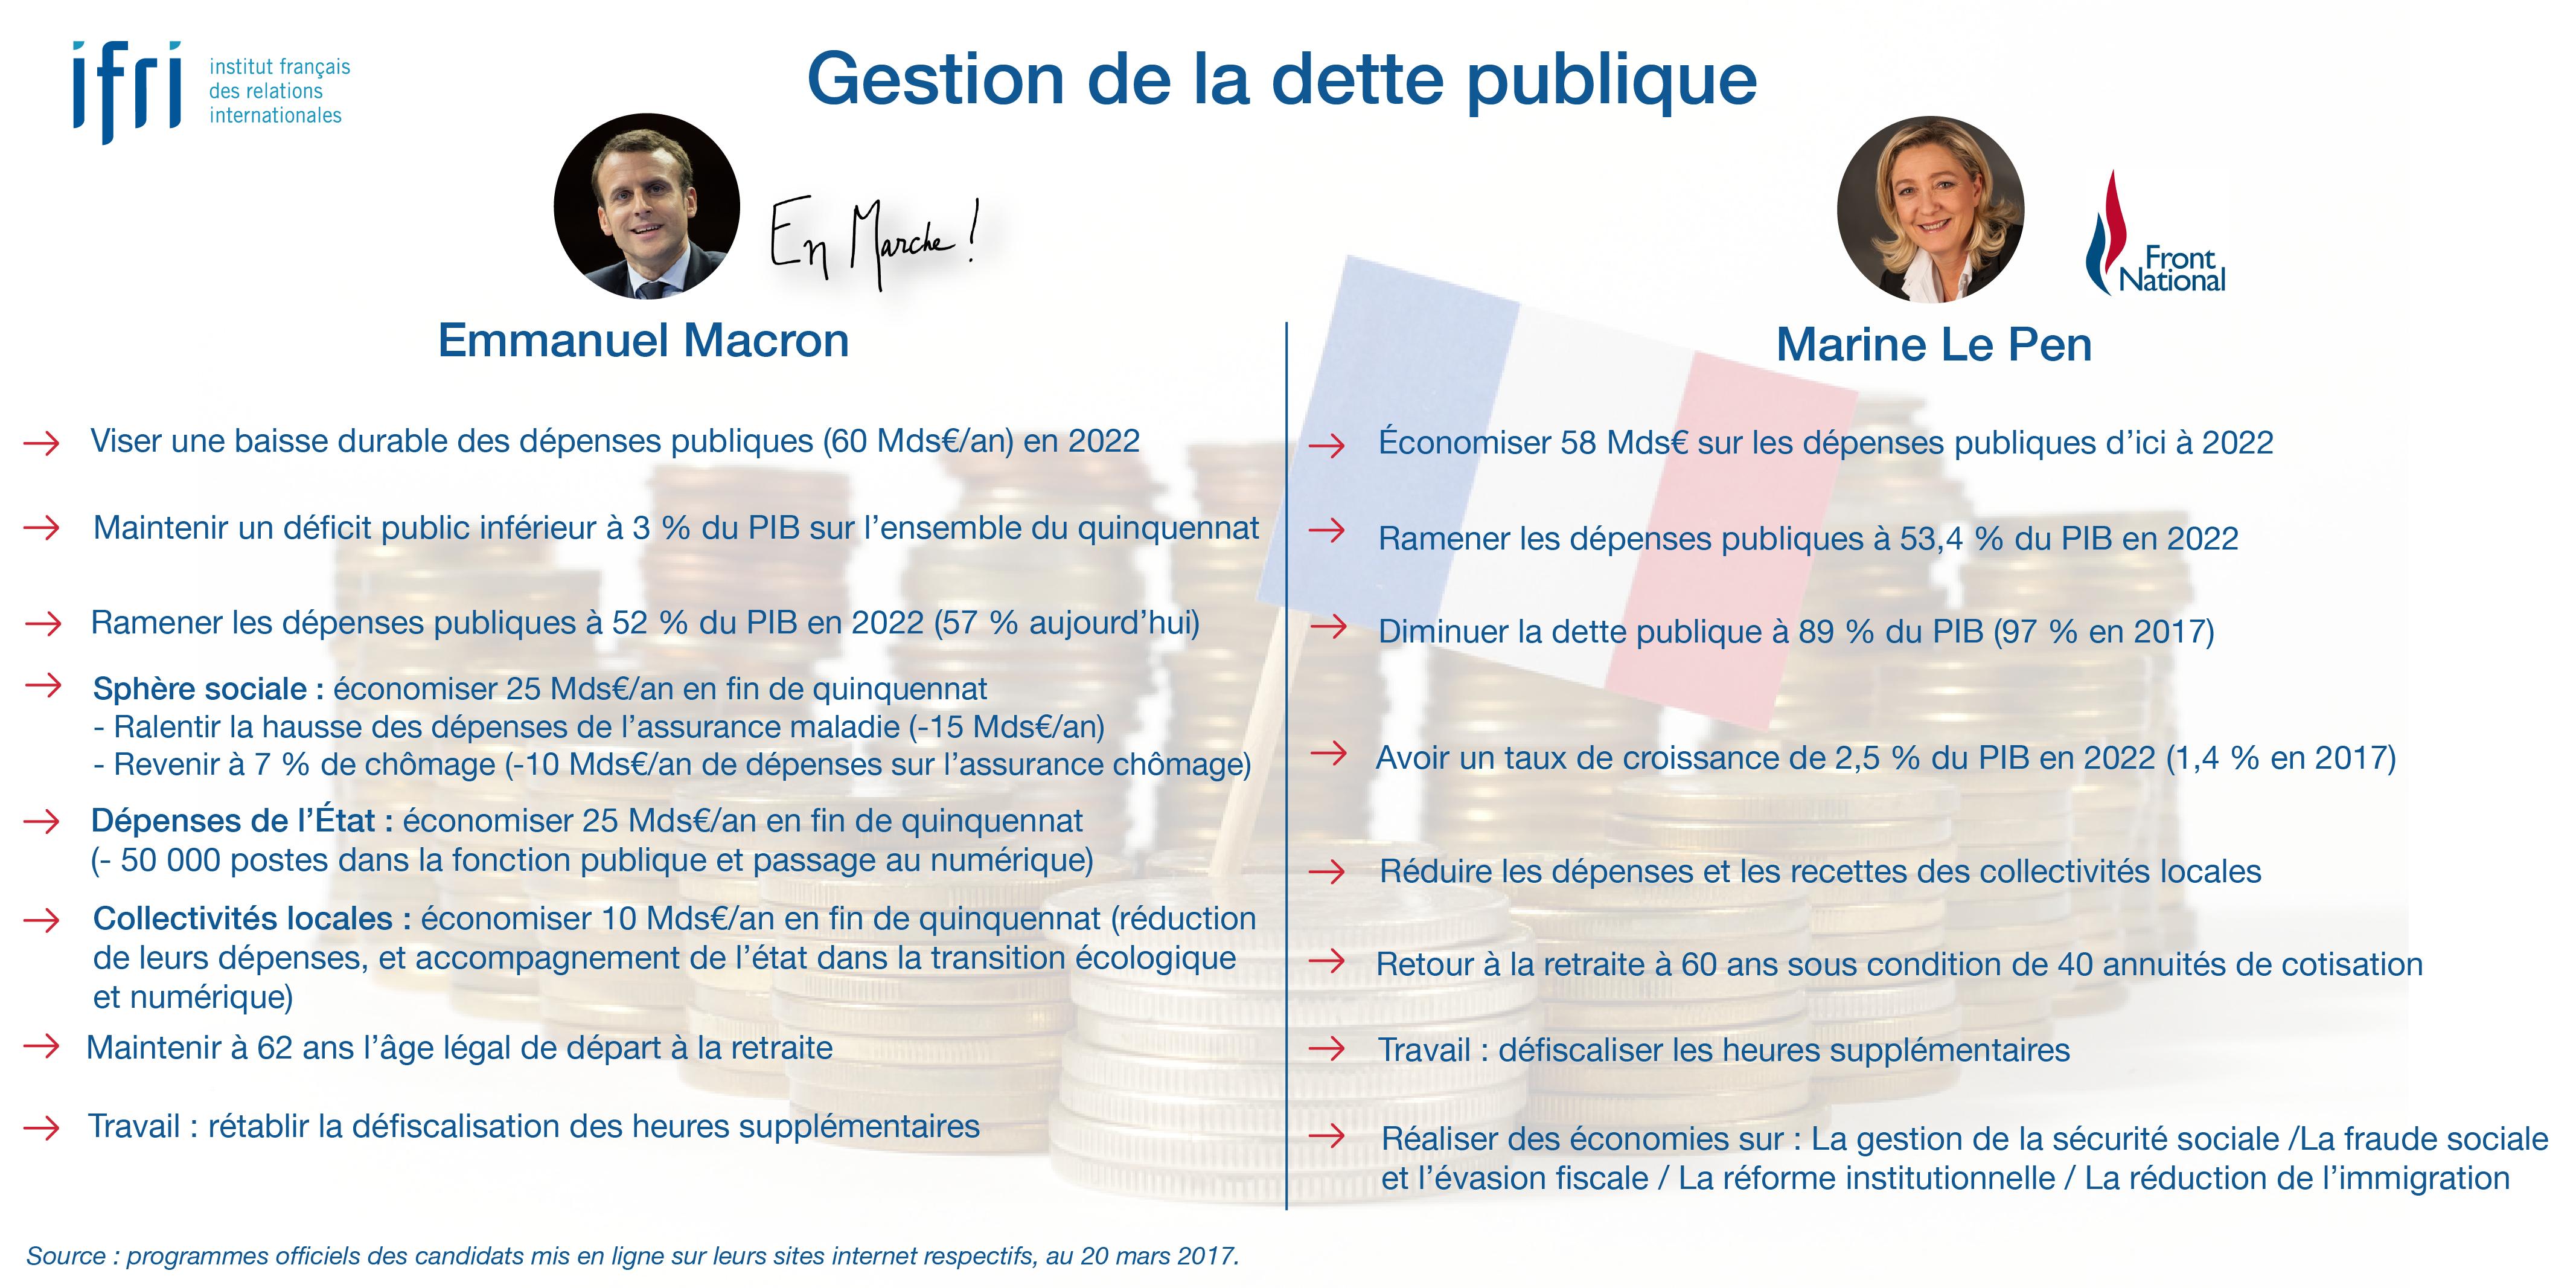 Dette publique - Macron - Le Pen - Présidentielle 2017